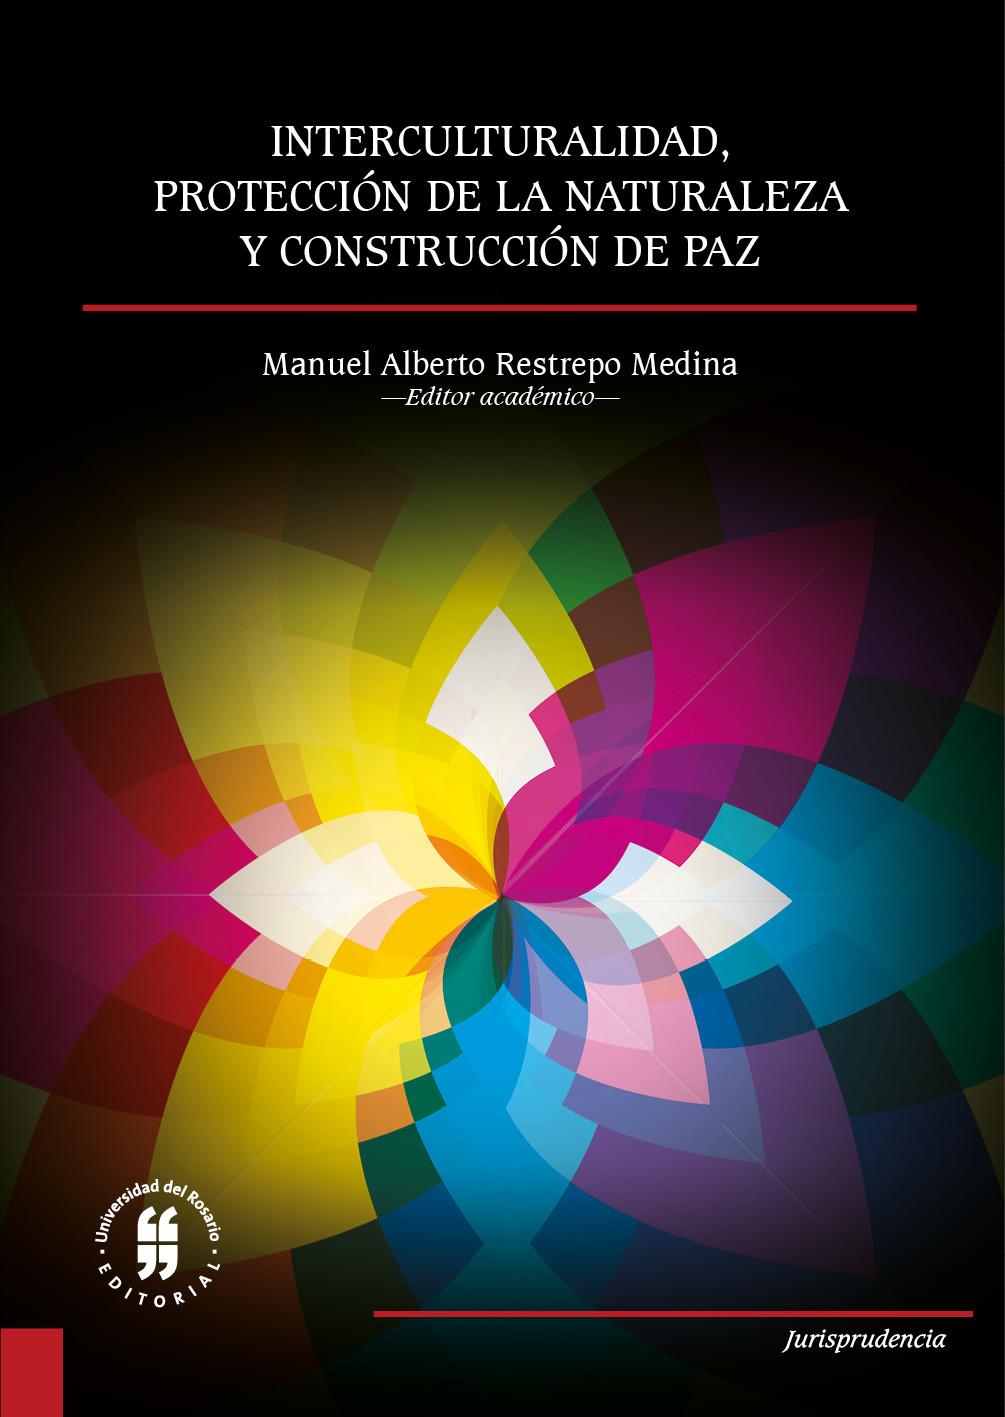 Interculturalidad, protección de la naturaleza y construcción de paz